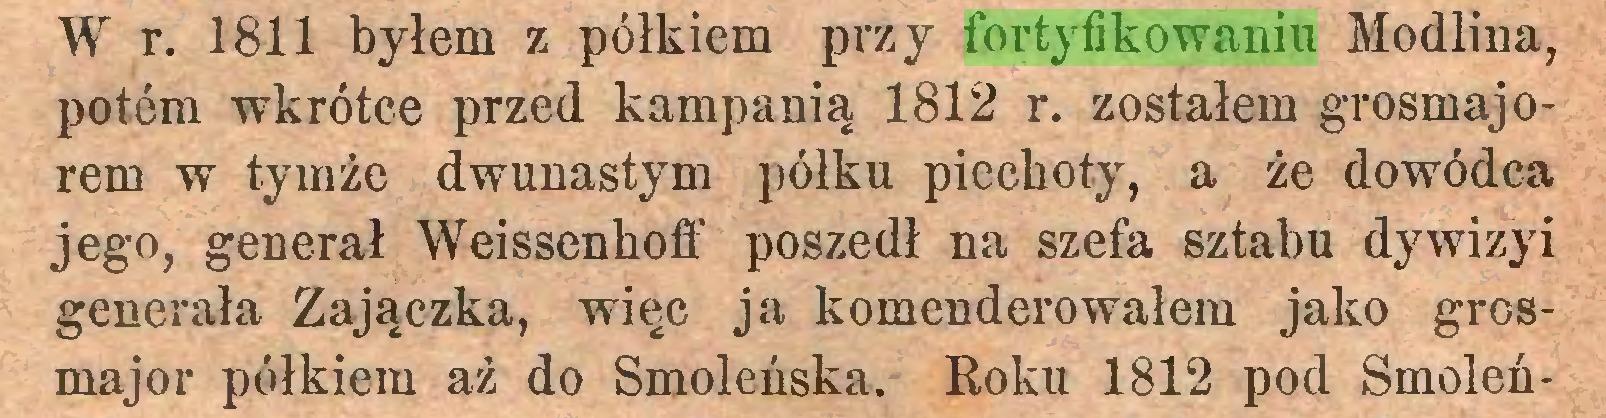 (...) W r. 1811 byłem z pólkiem przy fortyfikowaniu Modlina, potem wkrótce przed kampanią 1812 r. zostałem grosmajorem w tymże dwunastym pólku piechoty, a że dowódca jego, generał Weissenhoff poszedł na szefa sztabu dywizyi generała Zajączka, więc ja komenderowałem jako grosmajor pólkiem aż do Smoleńska. Roku 1812 pod Smoleń...